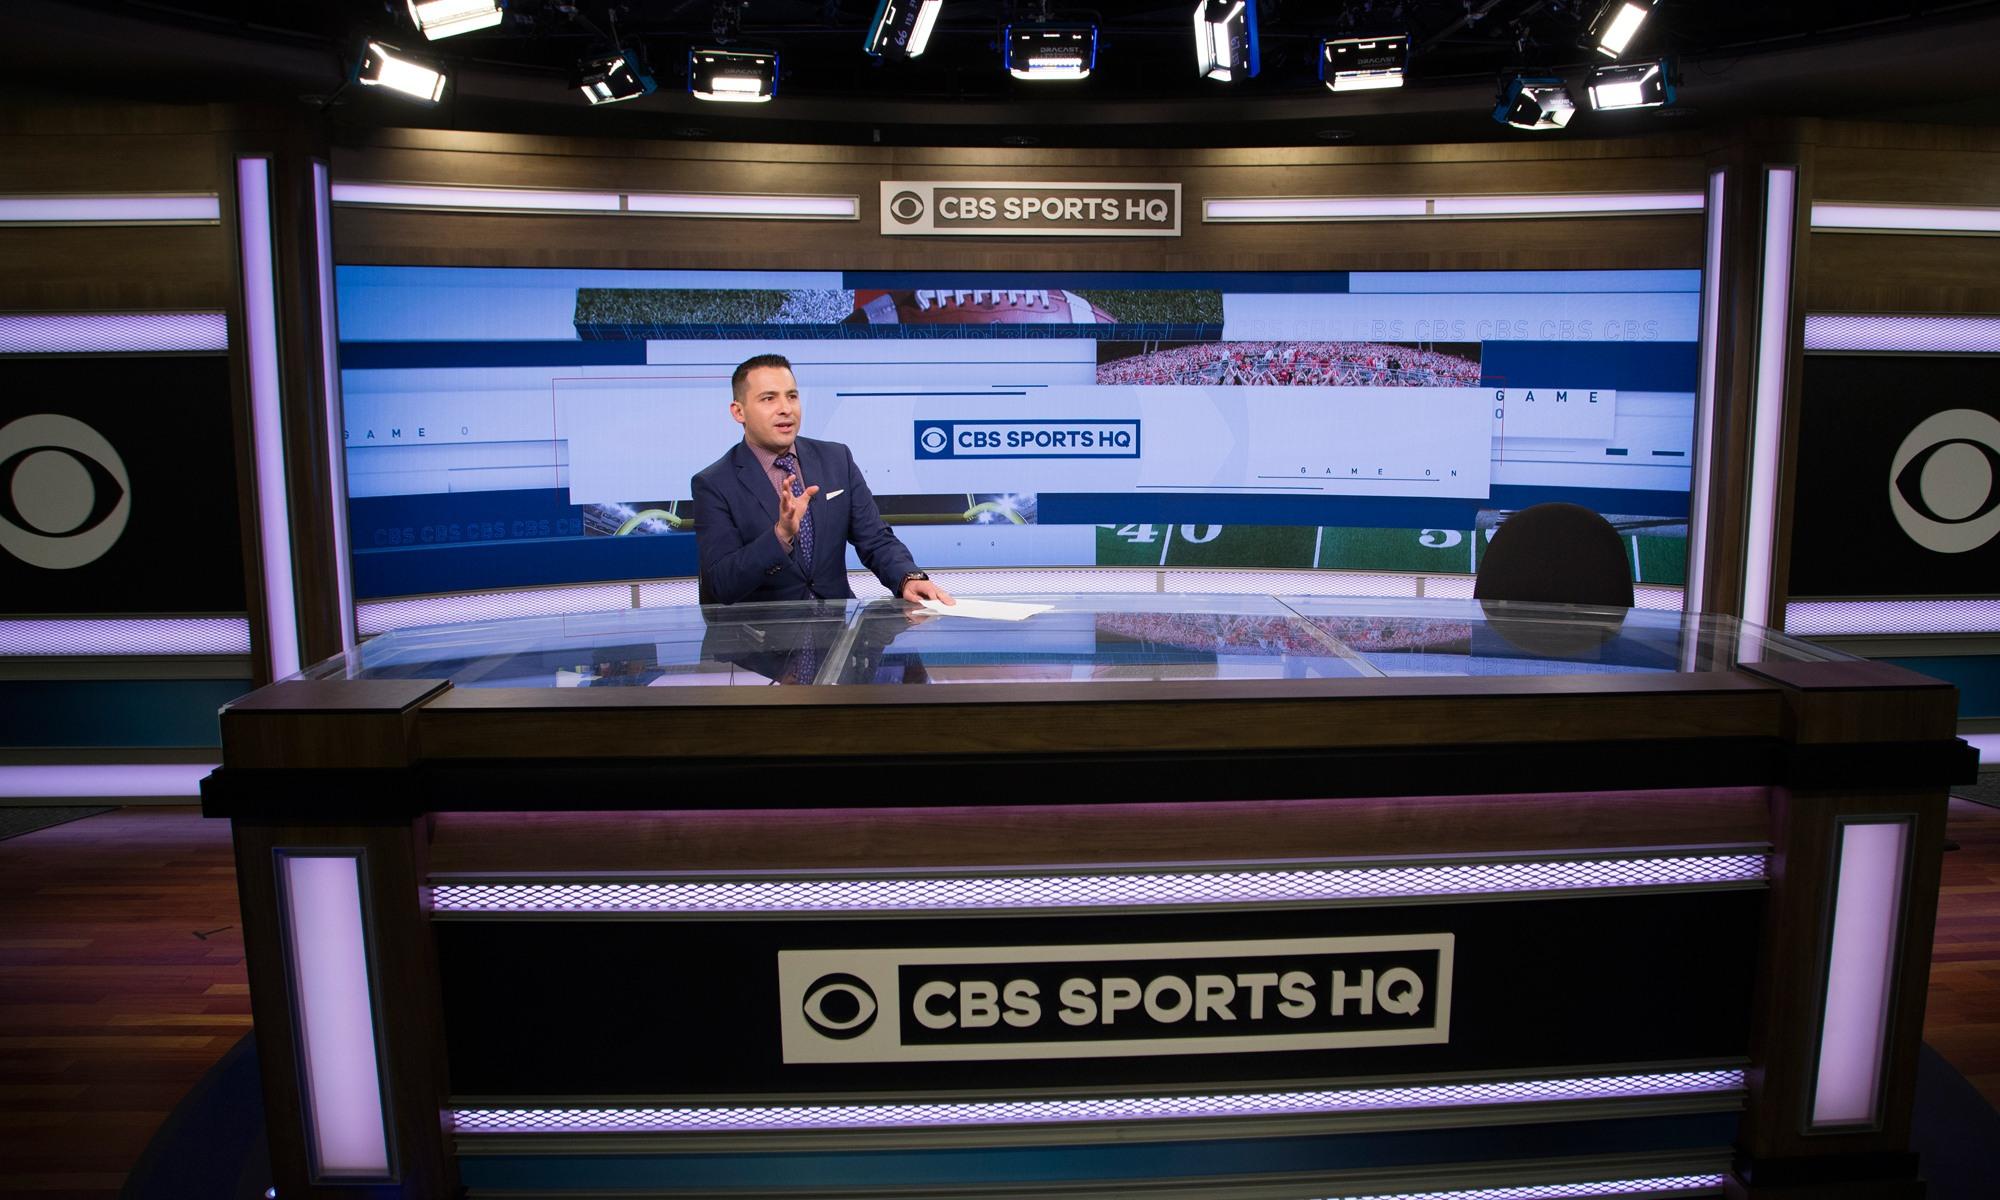 CBS Sports William Hill